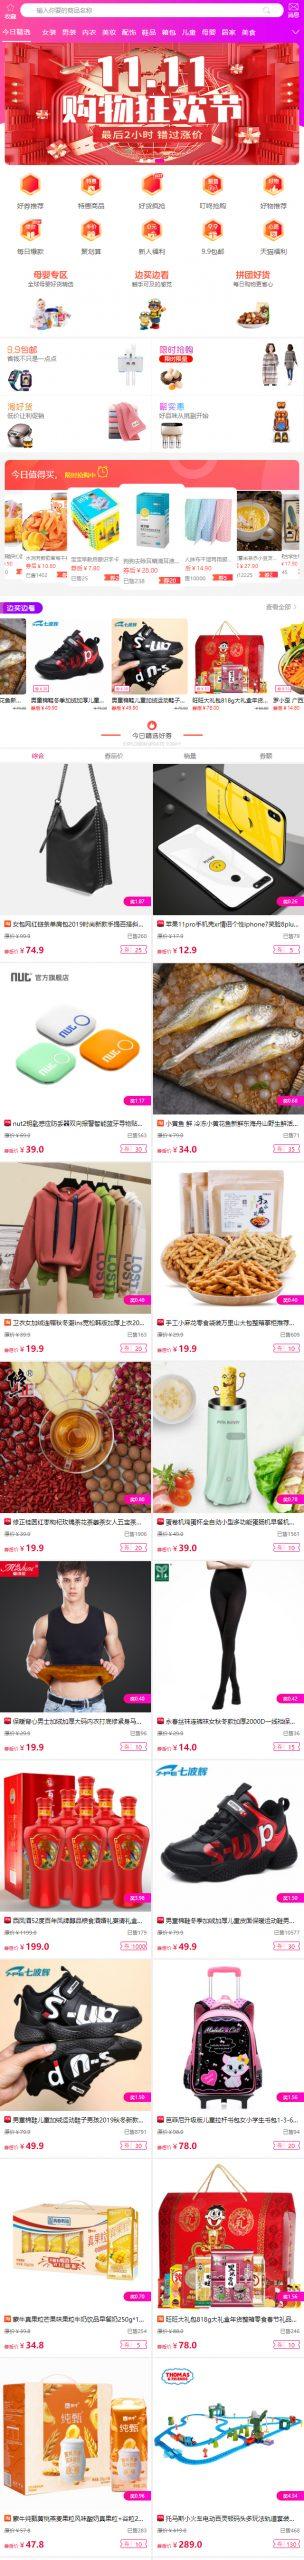 【功能模块】 老虎-微信淘宝客 tiger_newhu 版本号:6.0.85 - 2020新版_6合1至尊版